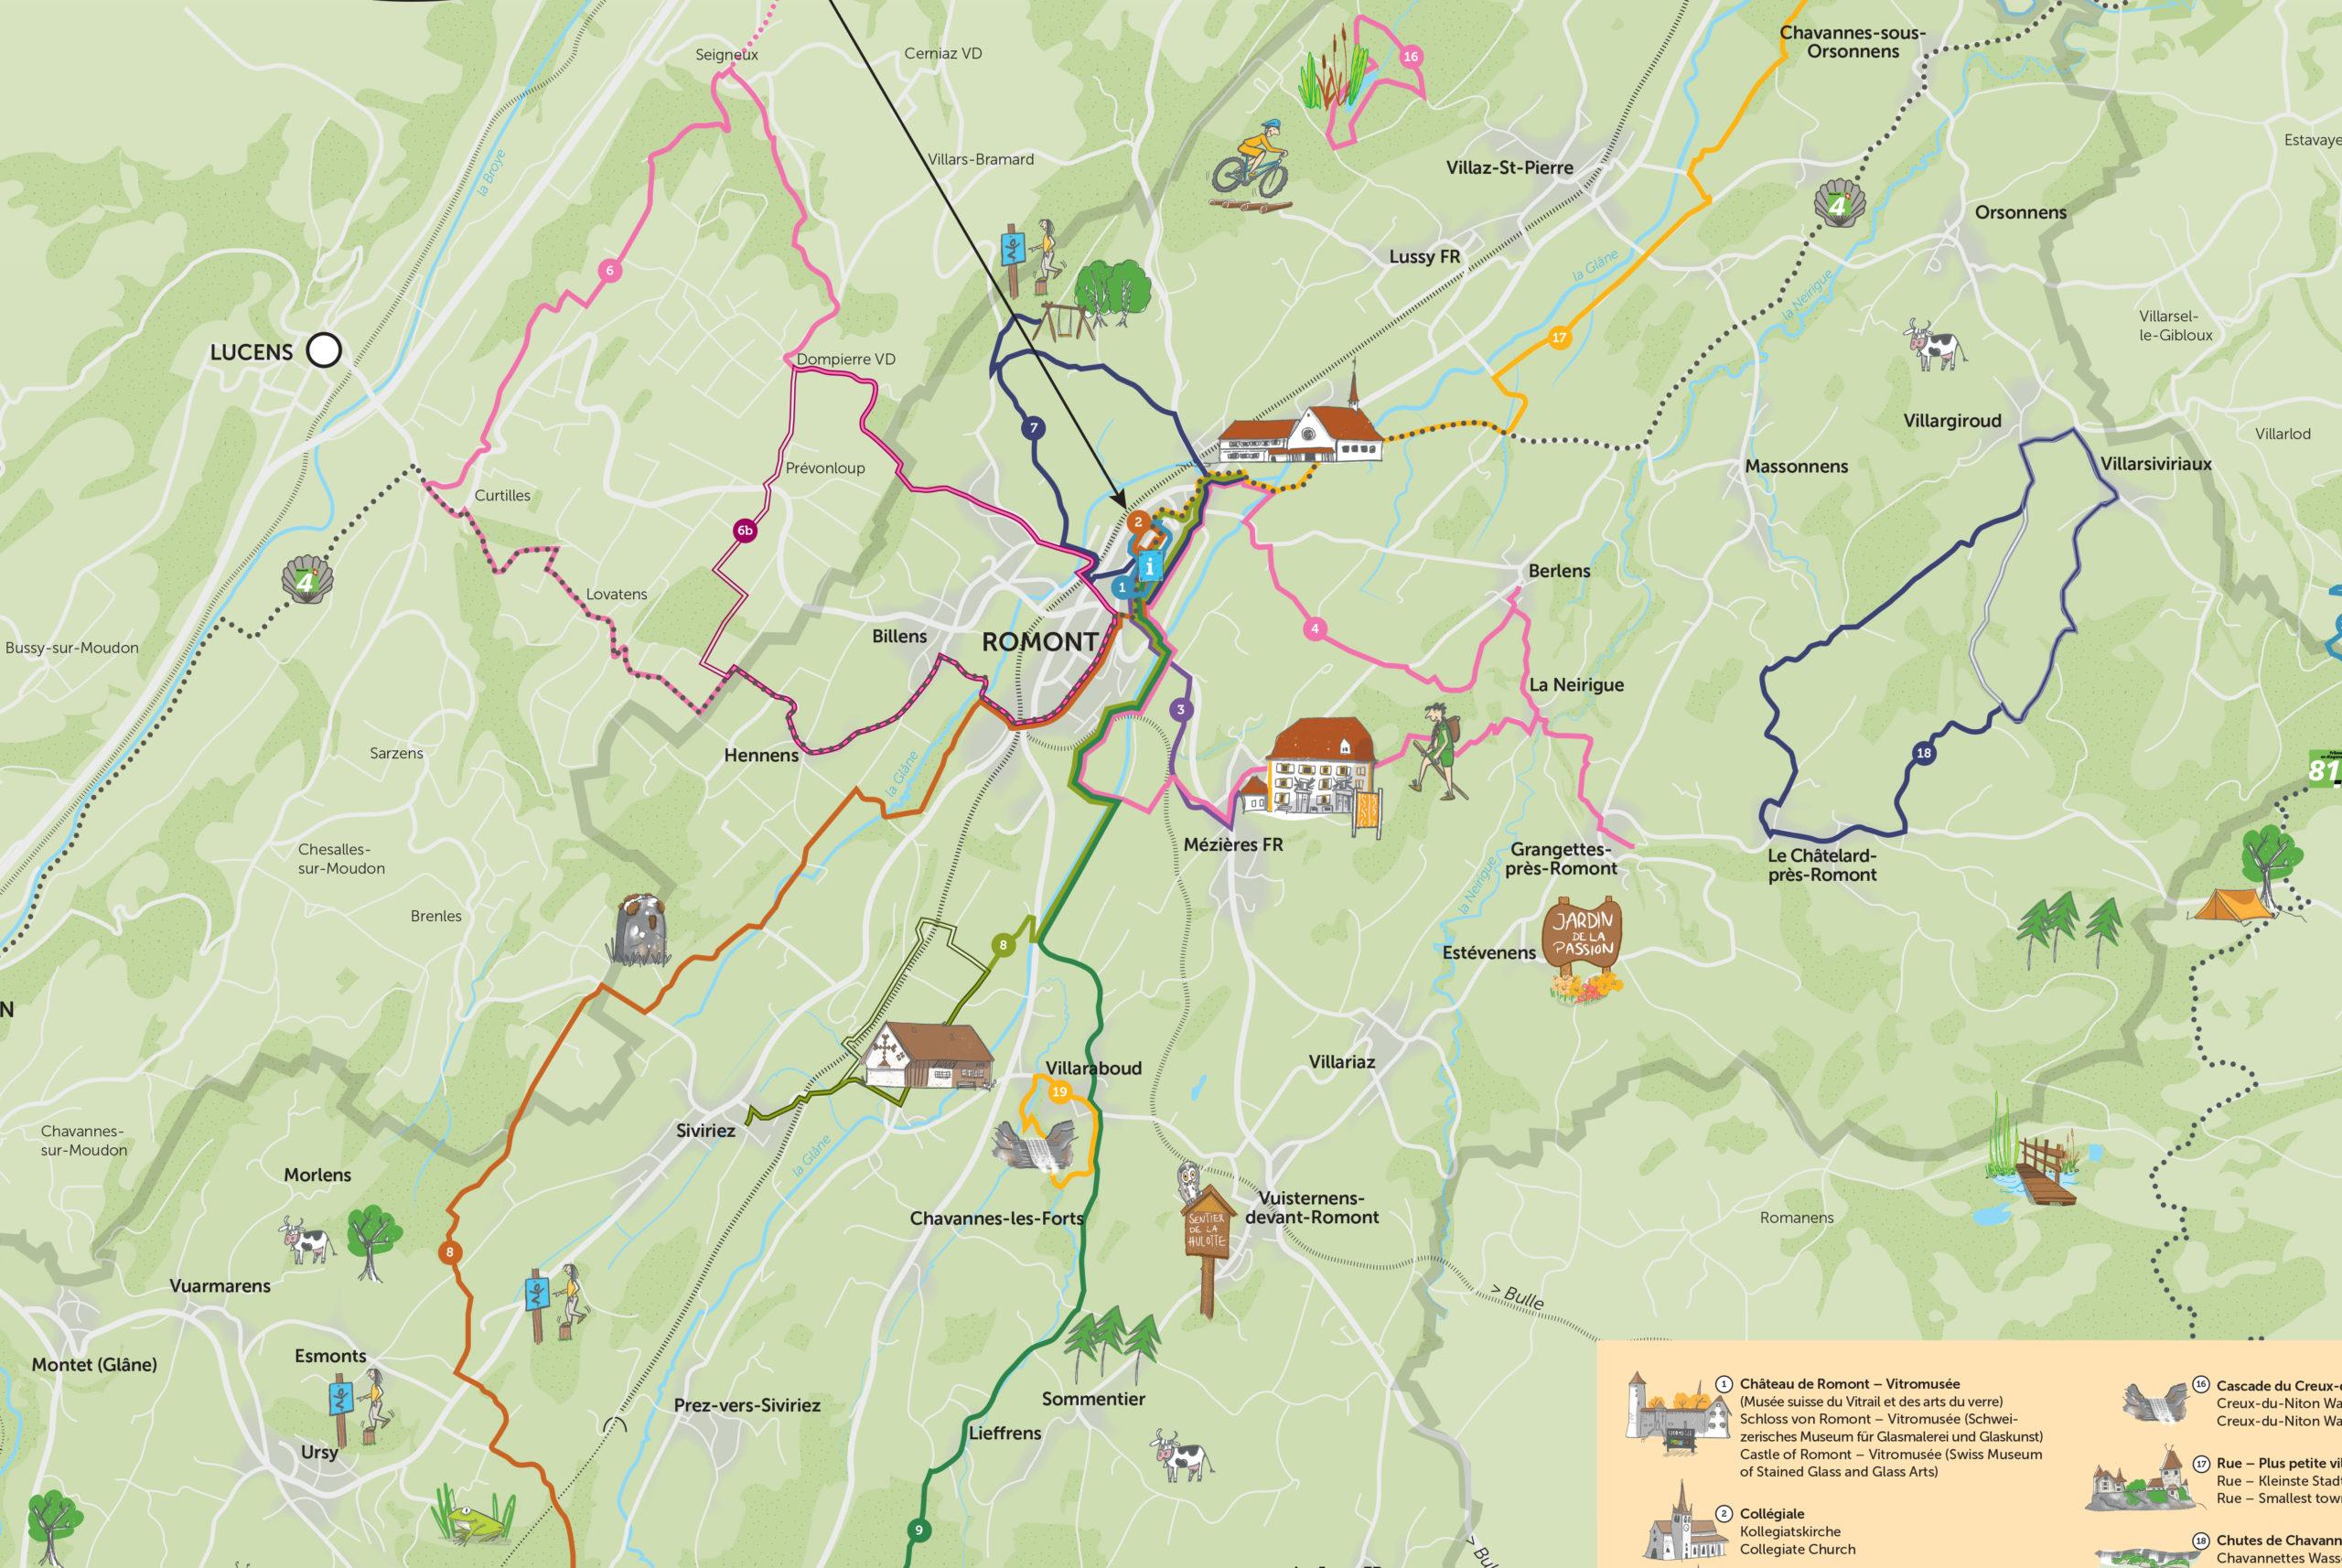 Carte illustrée touristique Romont détails